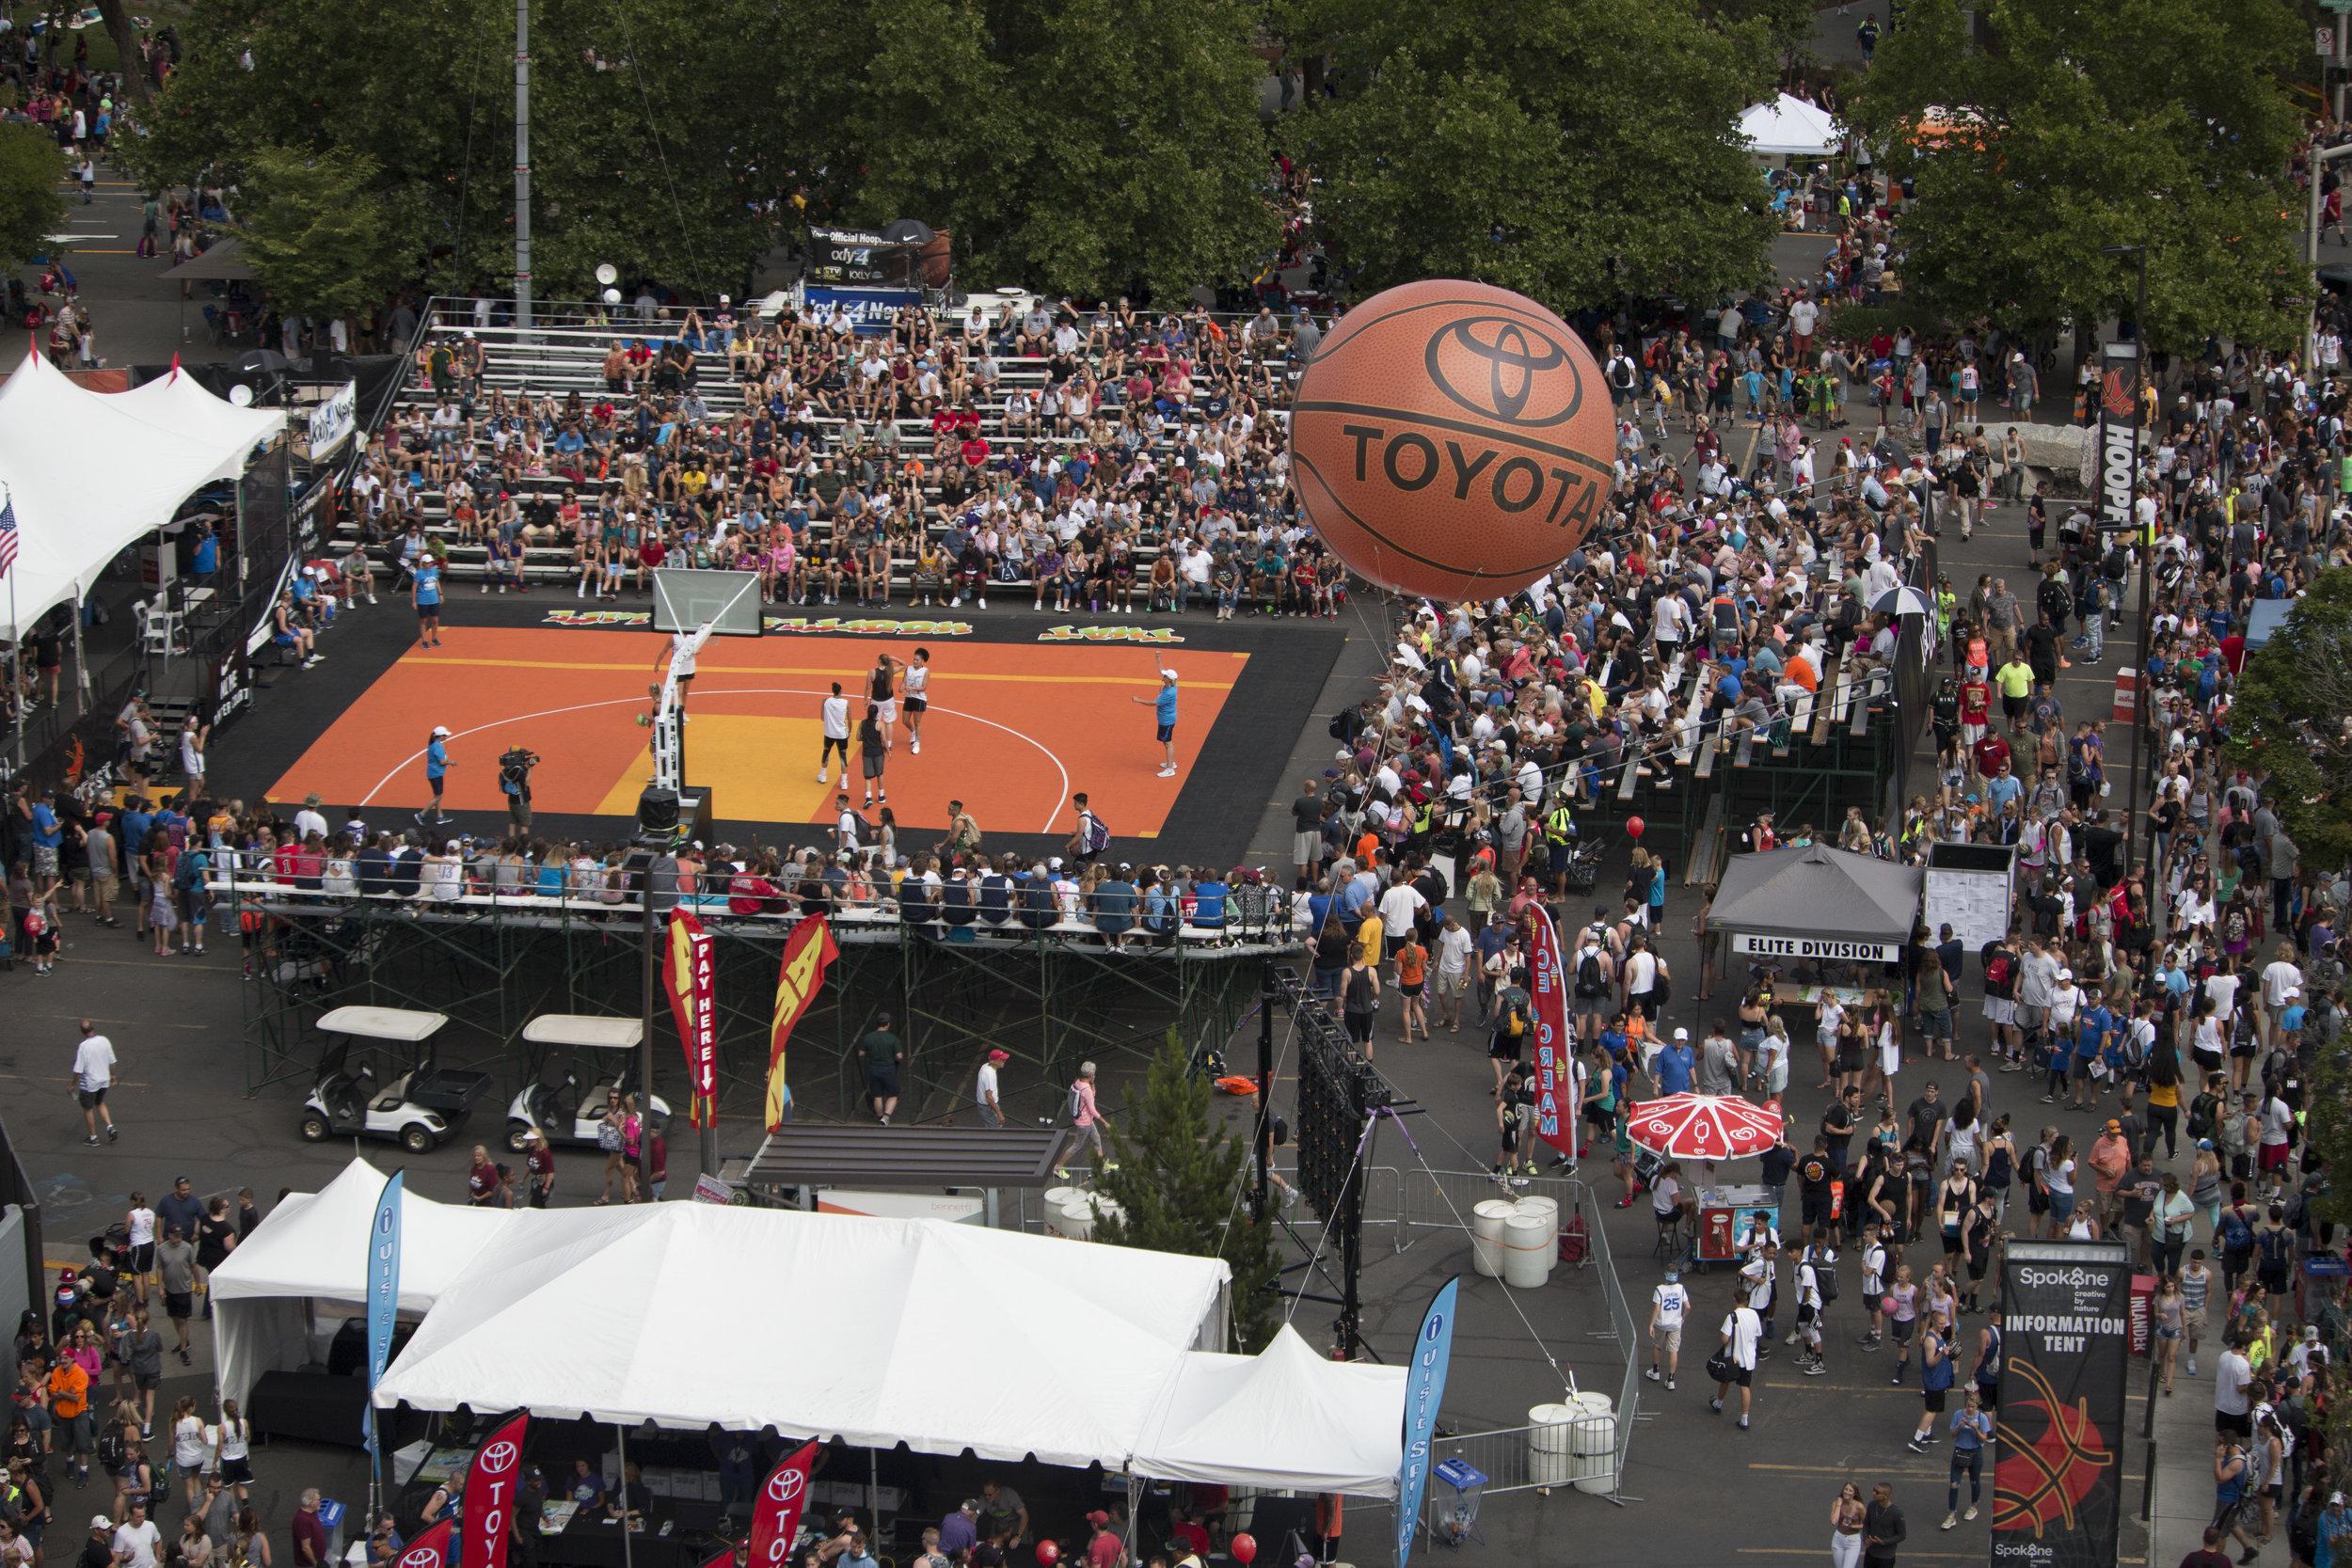 spokane-hoopfest-center-court